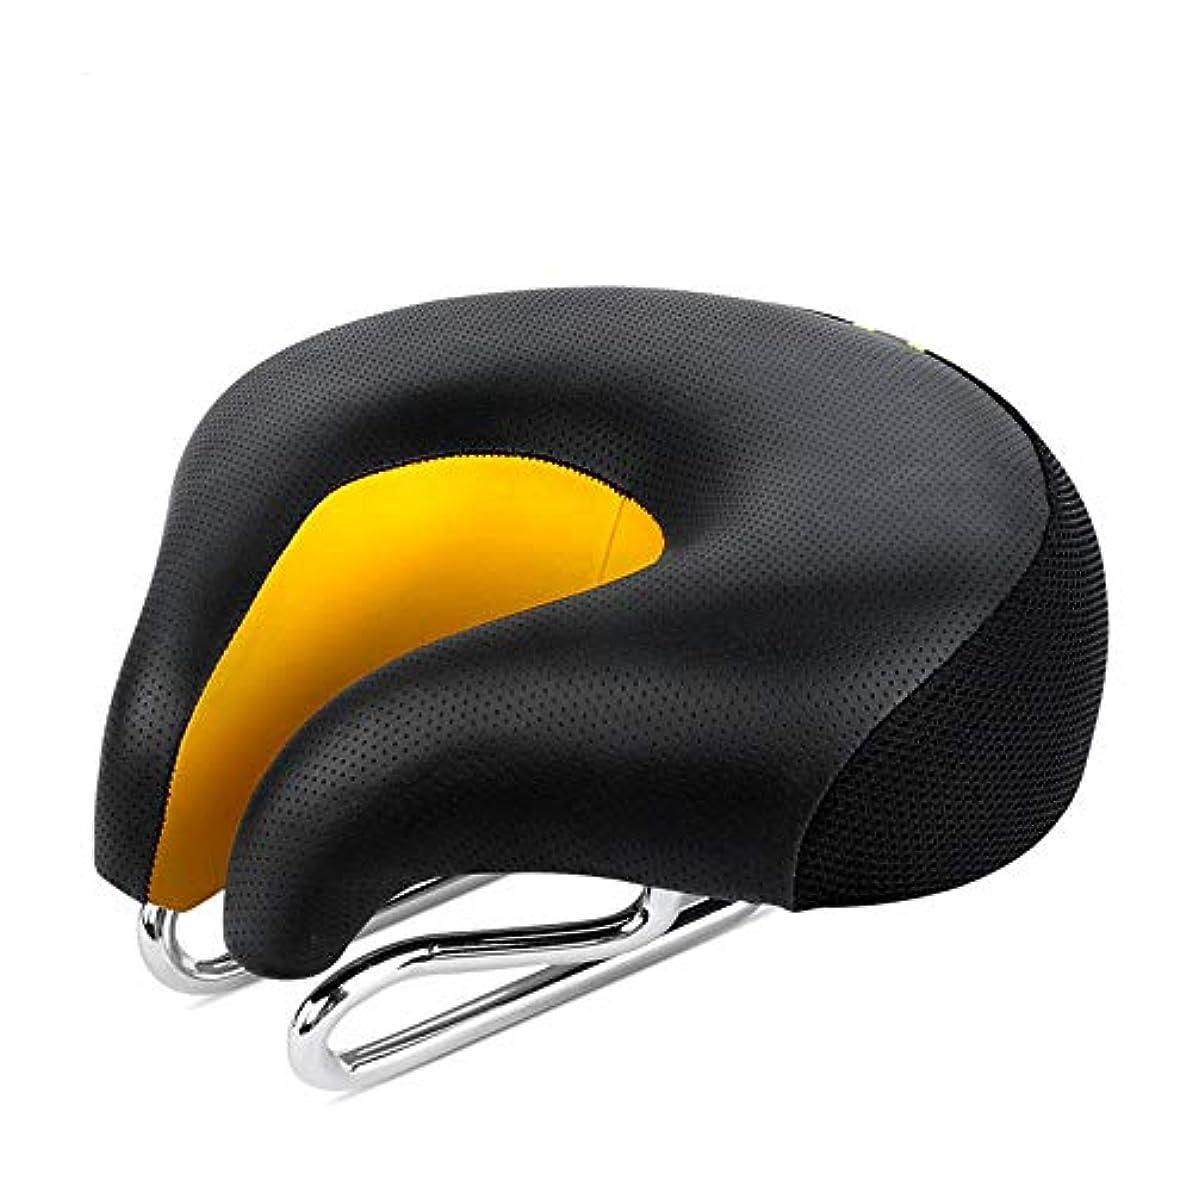 バッチ中性入手しますXIAOYU サイクリングマウンテンバイクのクッションは、大きなお尻のソフトで快適なサドルシートを厚くし広がりました